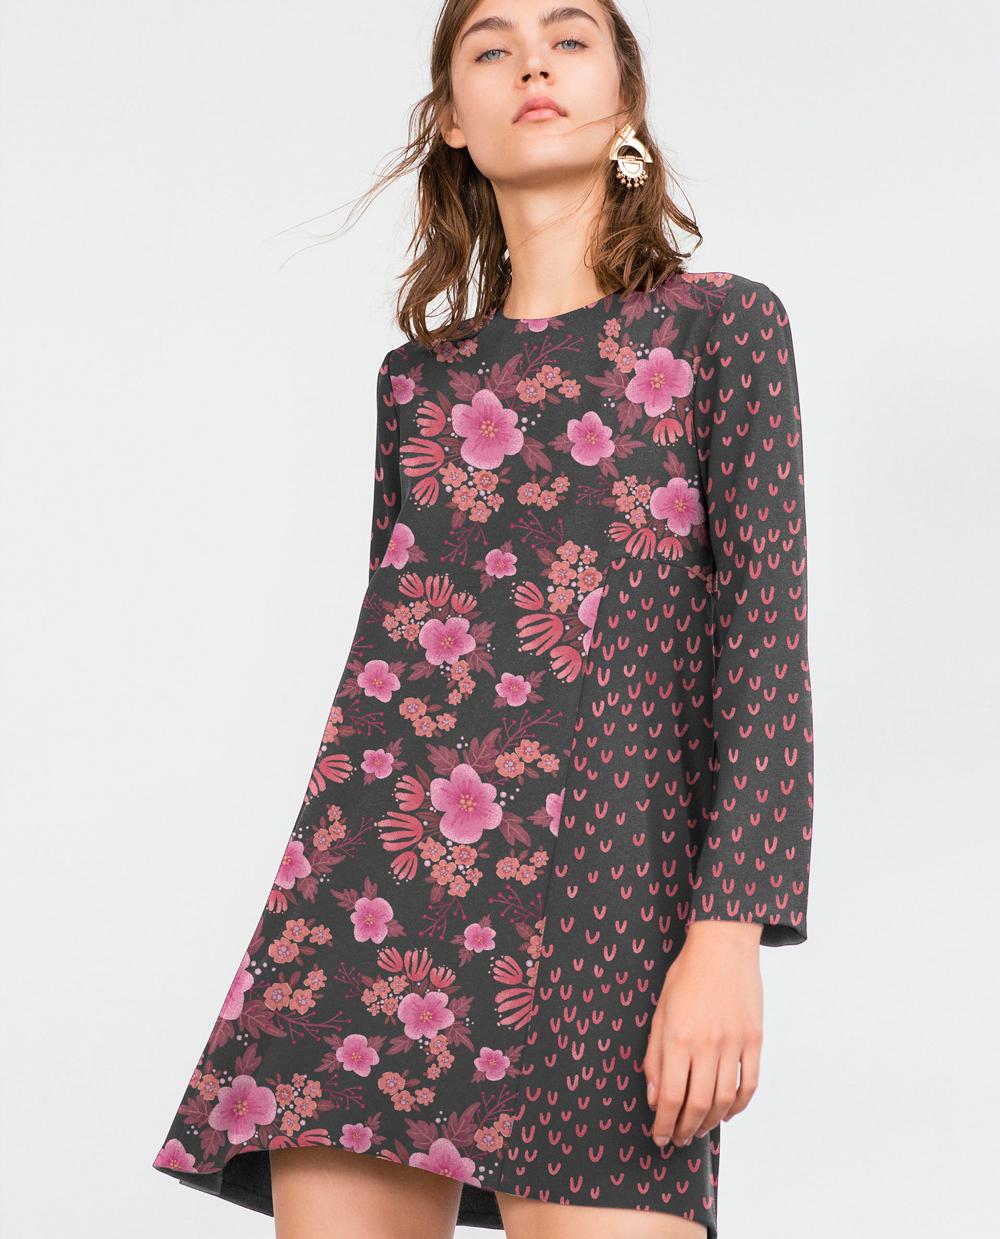 Flowers floral textile design  textile Bouquet geometric